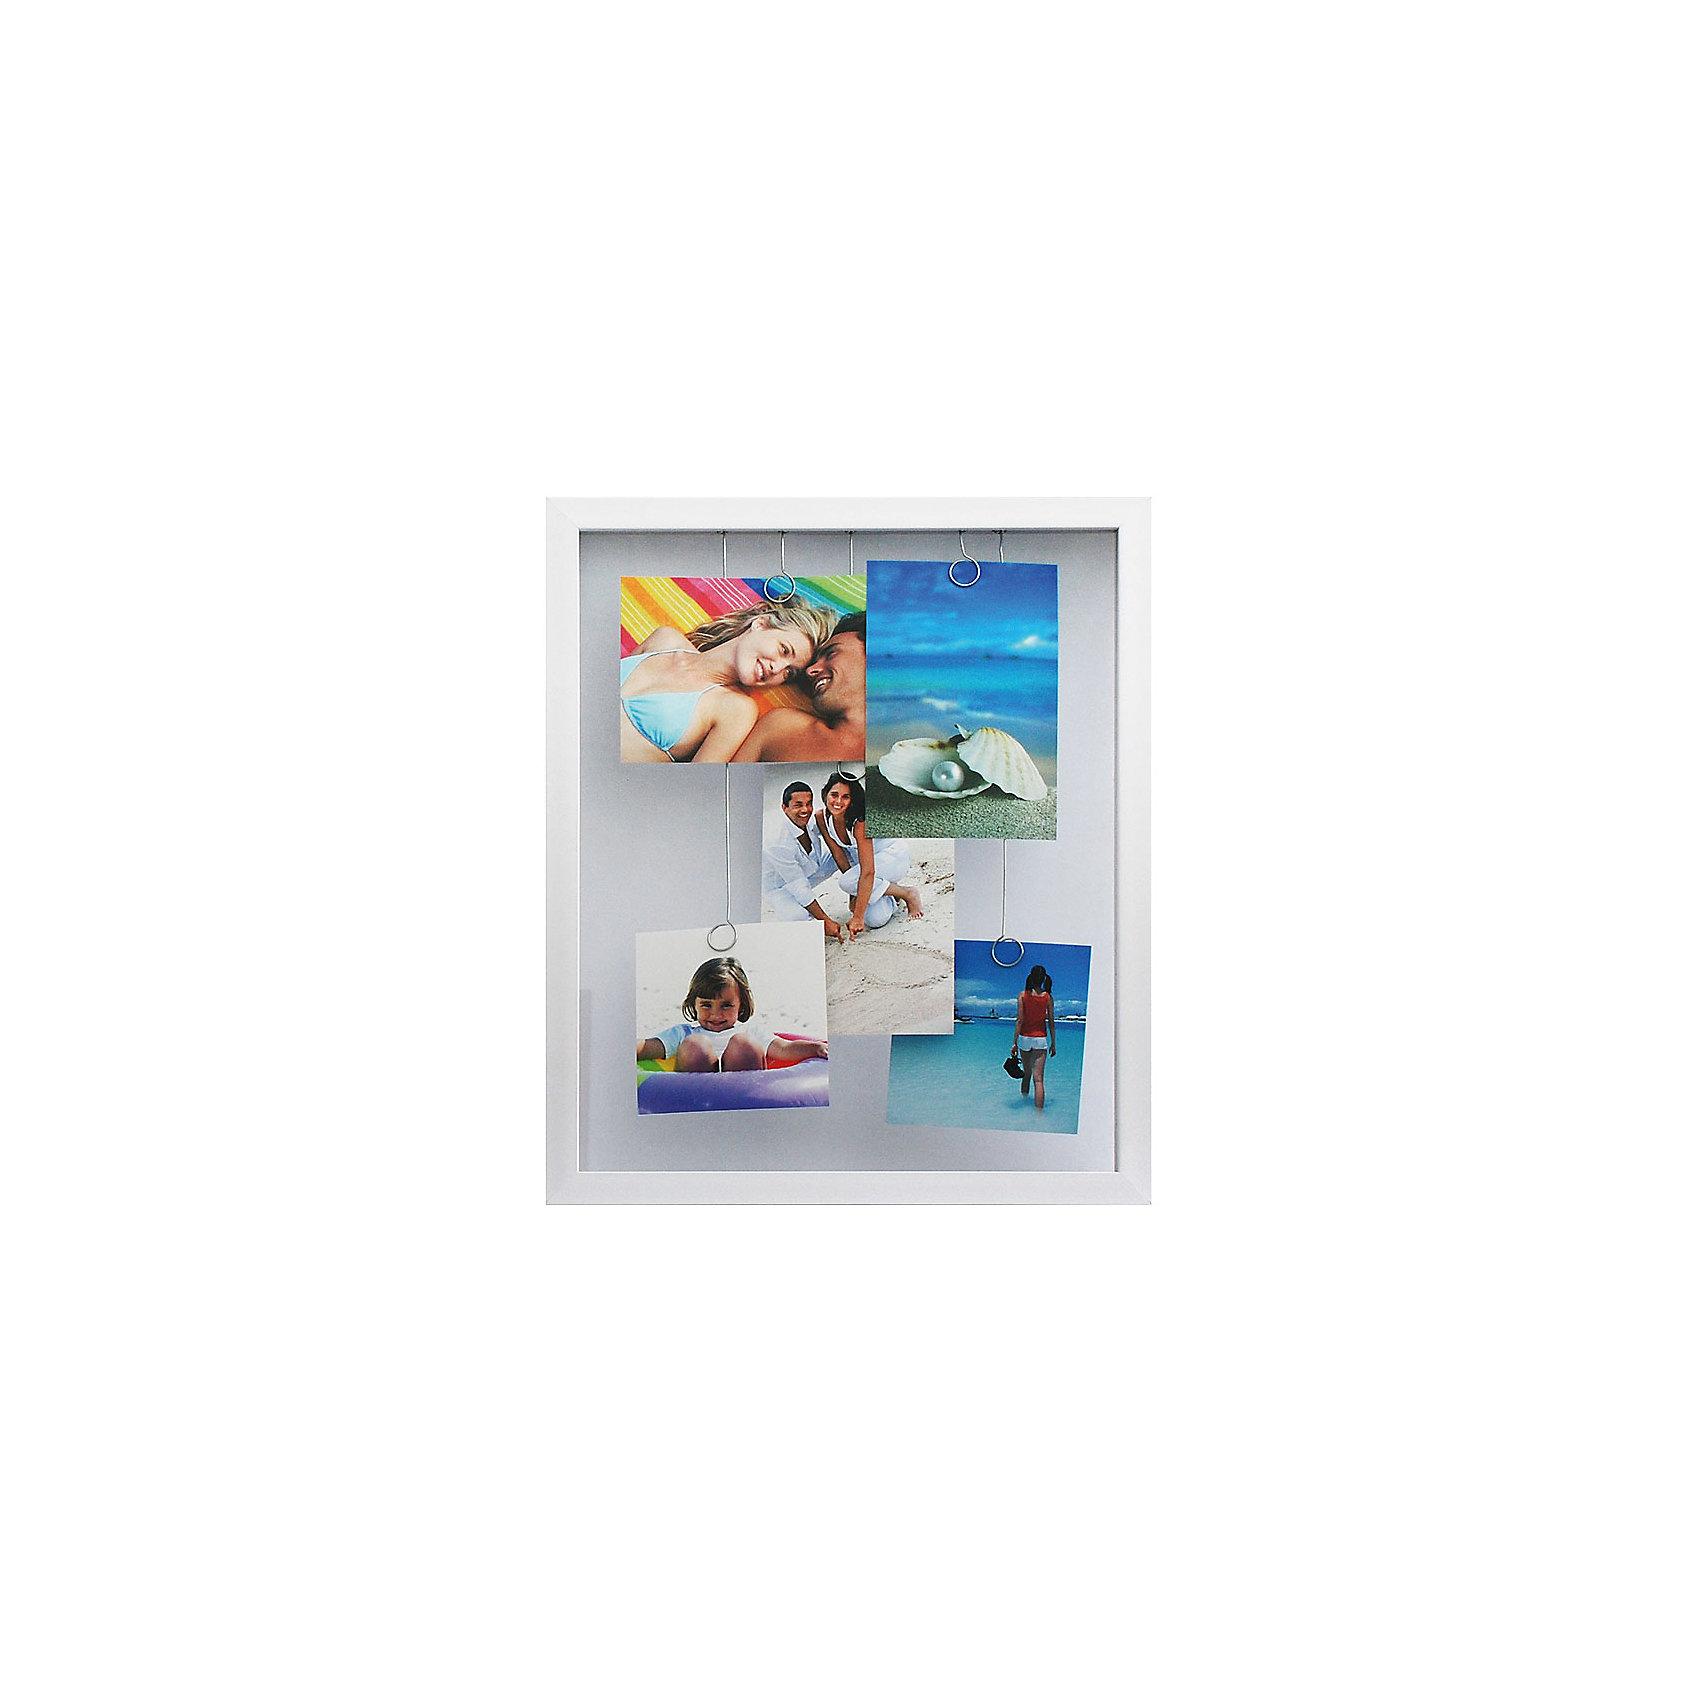 Фоторамка комбинированная белаяПредметы интерьера<br>Характеристики:<br><br>• Предназначение: для оформления фотографий, вышивок, картин<br>• Пол: универсальный<br>• Материал: пластик, оргстекло, металл<br>• Цвет: белый<br>• Комплектация: рамка с 5-ю металлическими зажимами<br>• Размеры (Ш*Д*В): 32*38,8*3 см<br>• Вес в упаковке: 900 г <br>• Упаковка: картонная коробка<br><br>Фоторамка комбинированная белая – это пластиковая фоторамка от торговой марки Белоснежка, специализирующейся на товарах для творчества и рукоделия. Изделие изготовлено в виде рамки с пятью металлическими зажимами, благодаря которым можно легко комбинировать и группировать разные фотографии внутри самой рамки. С такой фоторамкой можно создать семейную историю из любимых фотографий или использовать ее для оформления вышивок, картин. Она имеет подвесное крепление, поэтому с помощью этой фоторамки можно оформить интерьер. Комбинированная фоторамка выполнена в классическом белом цвете, поэтому она может придать интерьеру экстравагантность и стиль. <br><br>Фоторамку комбинированную белую можно купить в нашем интернет-магазине.<br><br>Ширина мм: 388<br>Глубина мм: 32<br>Высота мм: 30<br>Вес г: 4510<br>Возраст от месяцев: 72<br>Возраст до месяцев: 144<br>Пол: Унисекс<br>Возраст: Детский<br>SKU: 5089797